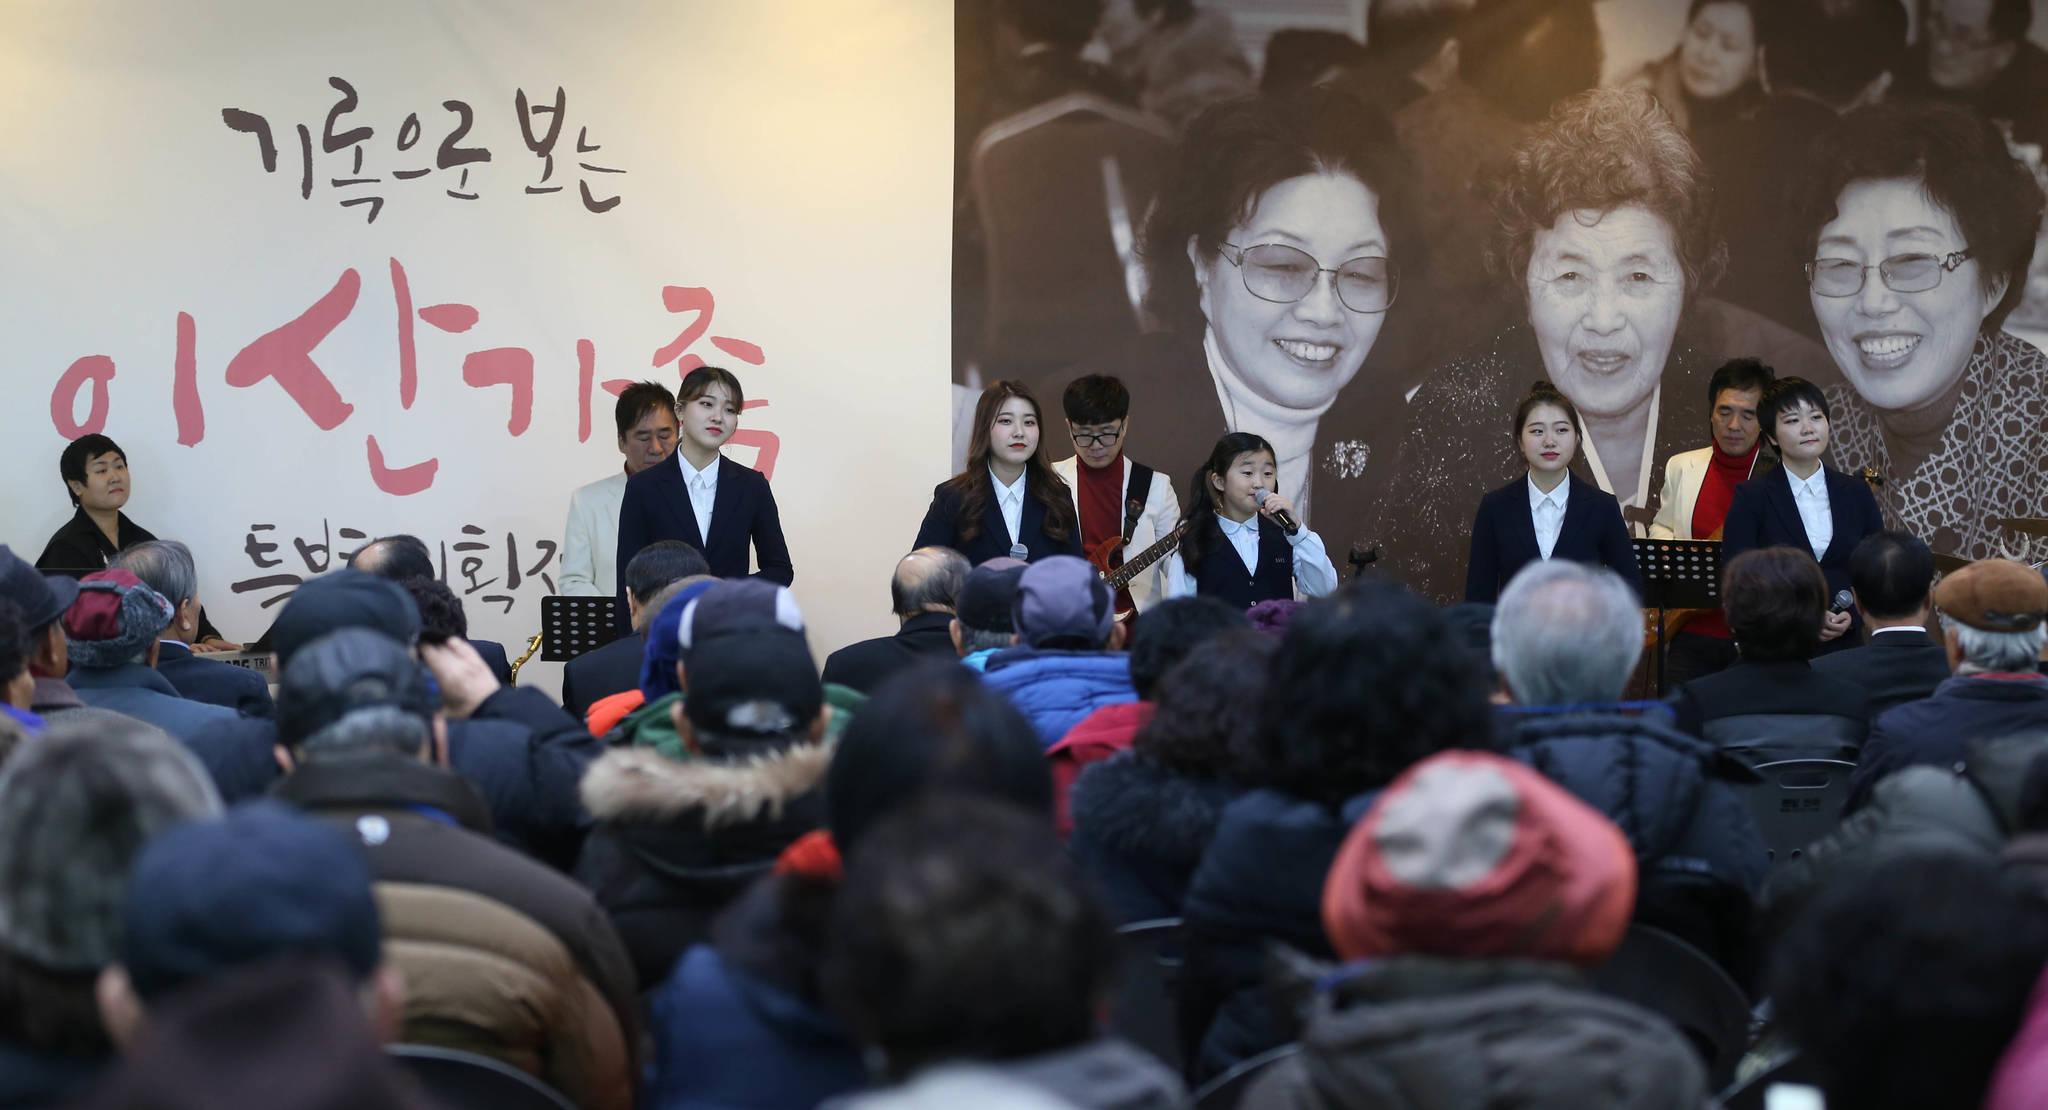 기록으로 보는 이산가족 특별전시회 개막식 식전행사로 노래공연을 하고 있다. 신인섭 기자